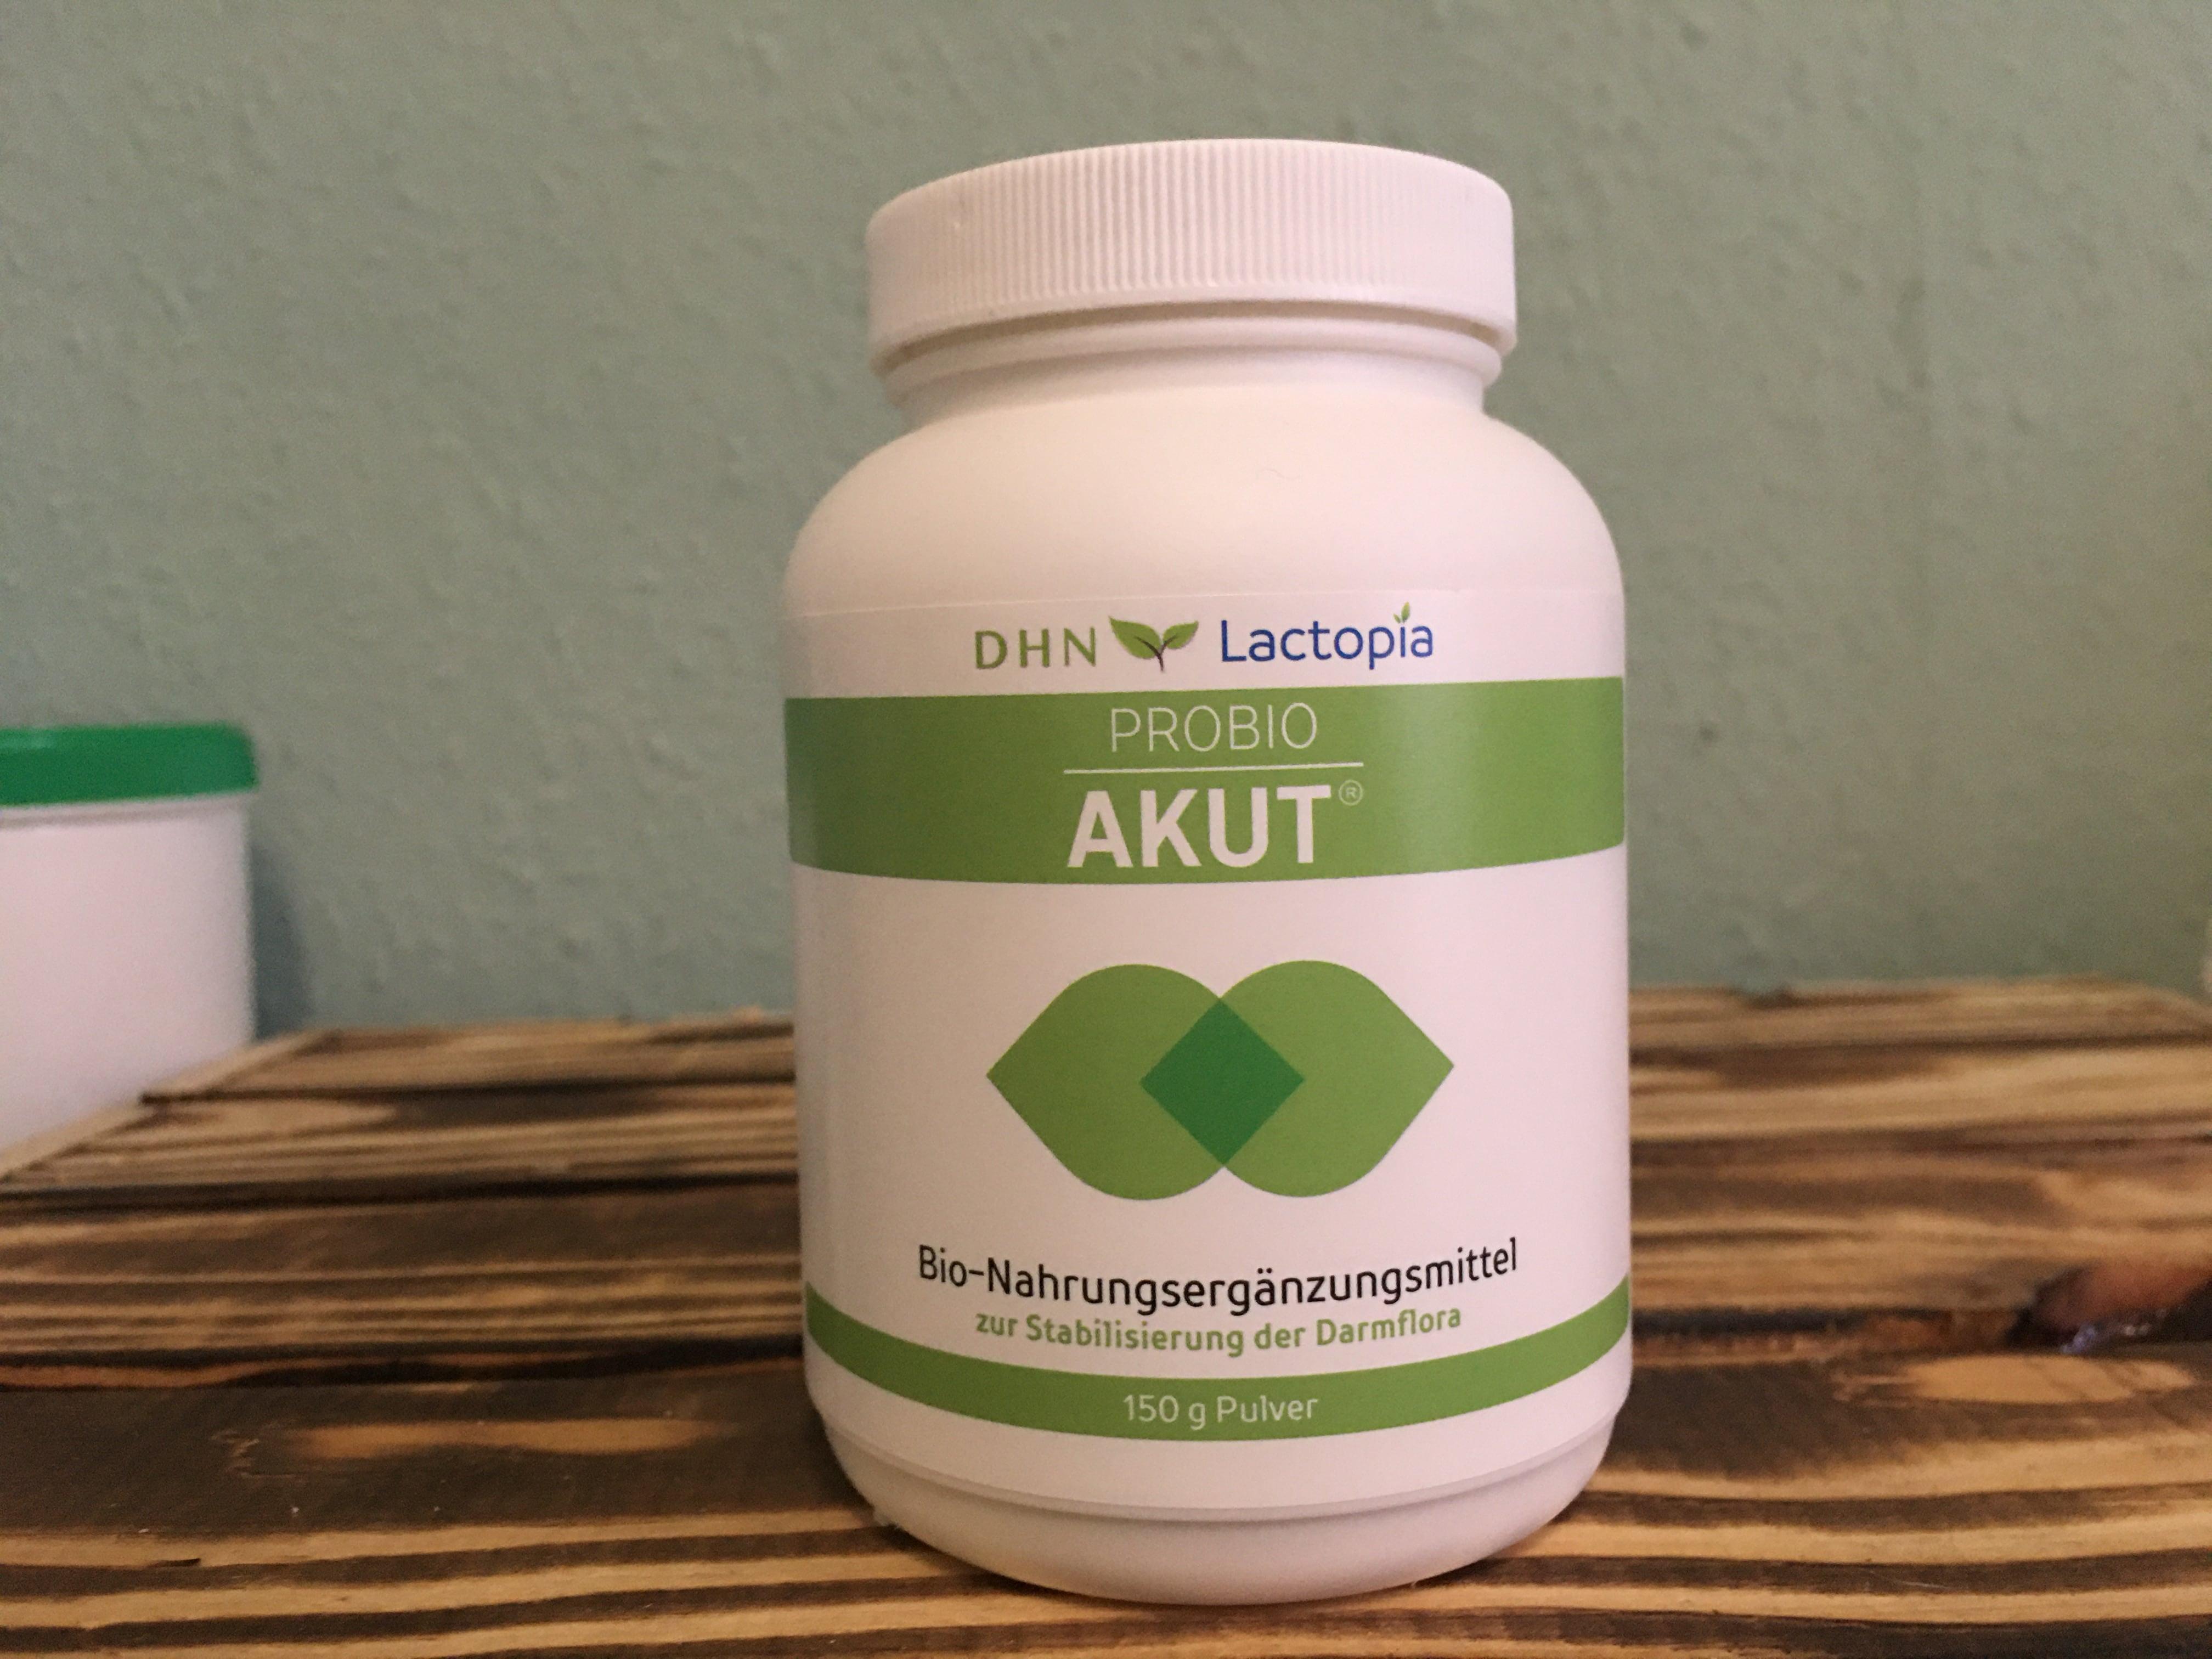 DHN ProBio* akut 150 g - DE-ÖKO-007